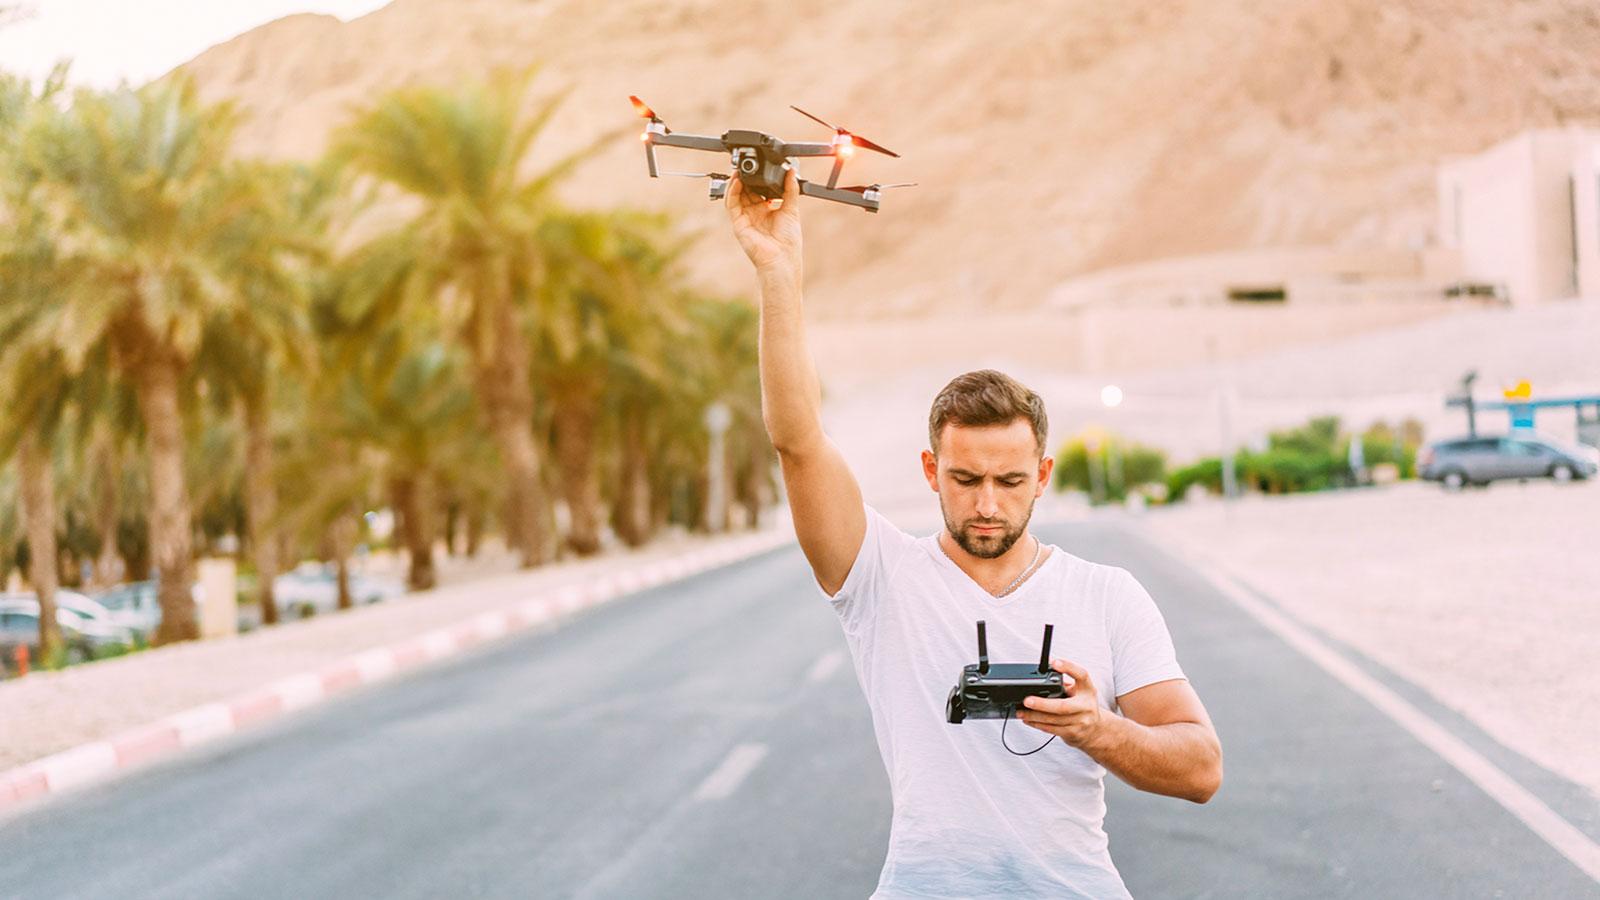 Filmagens aereas para sua marca 2 1 - Descubra as vantagens das filmagens aéreas para sua marca